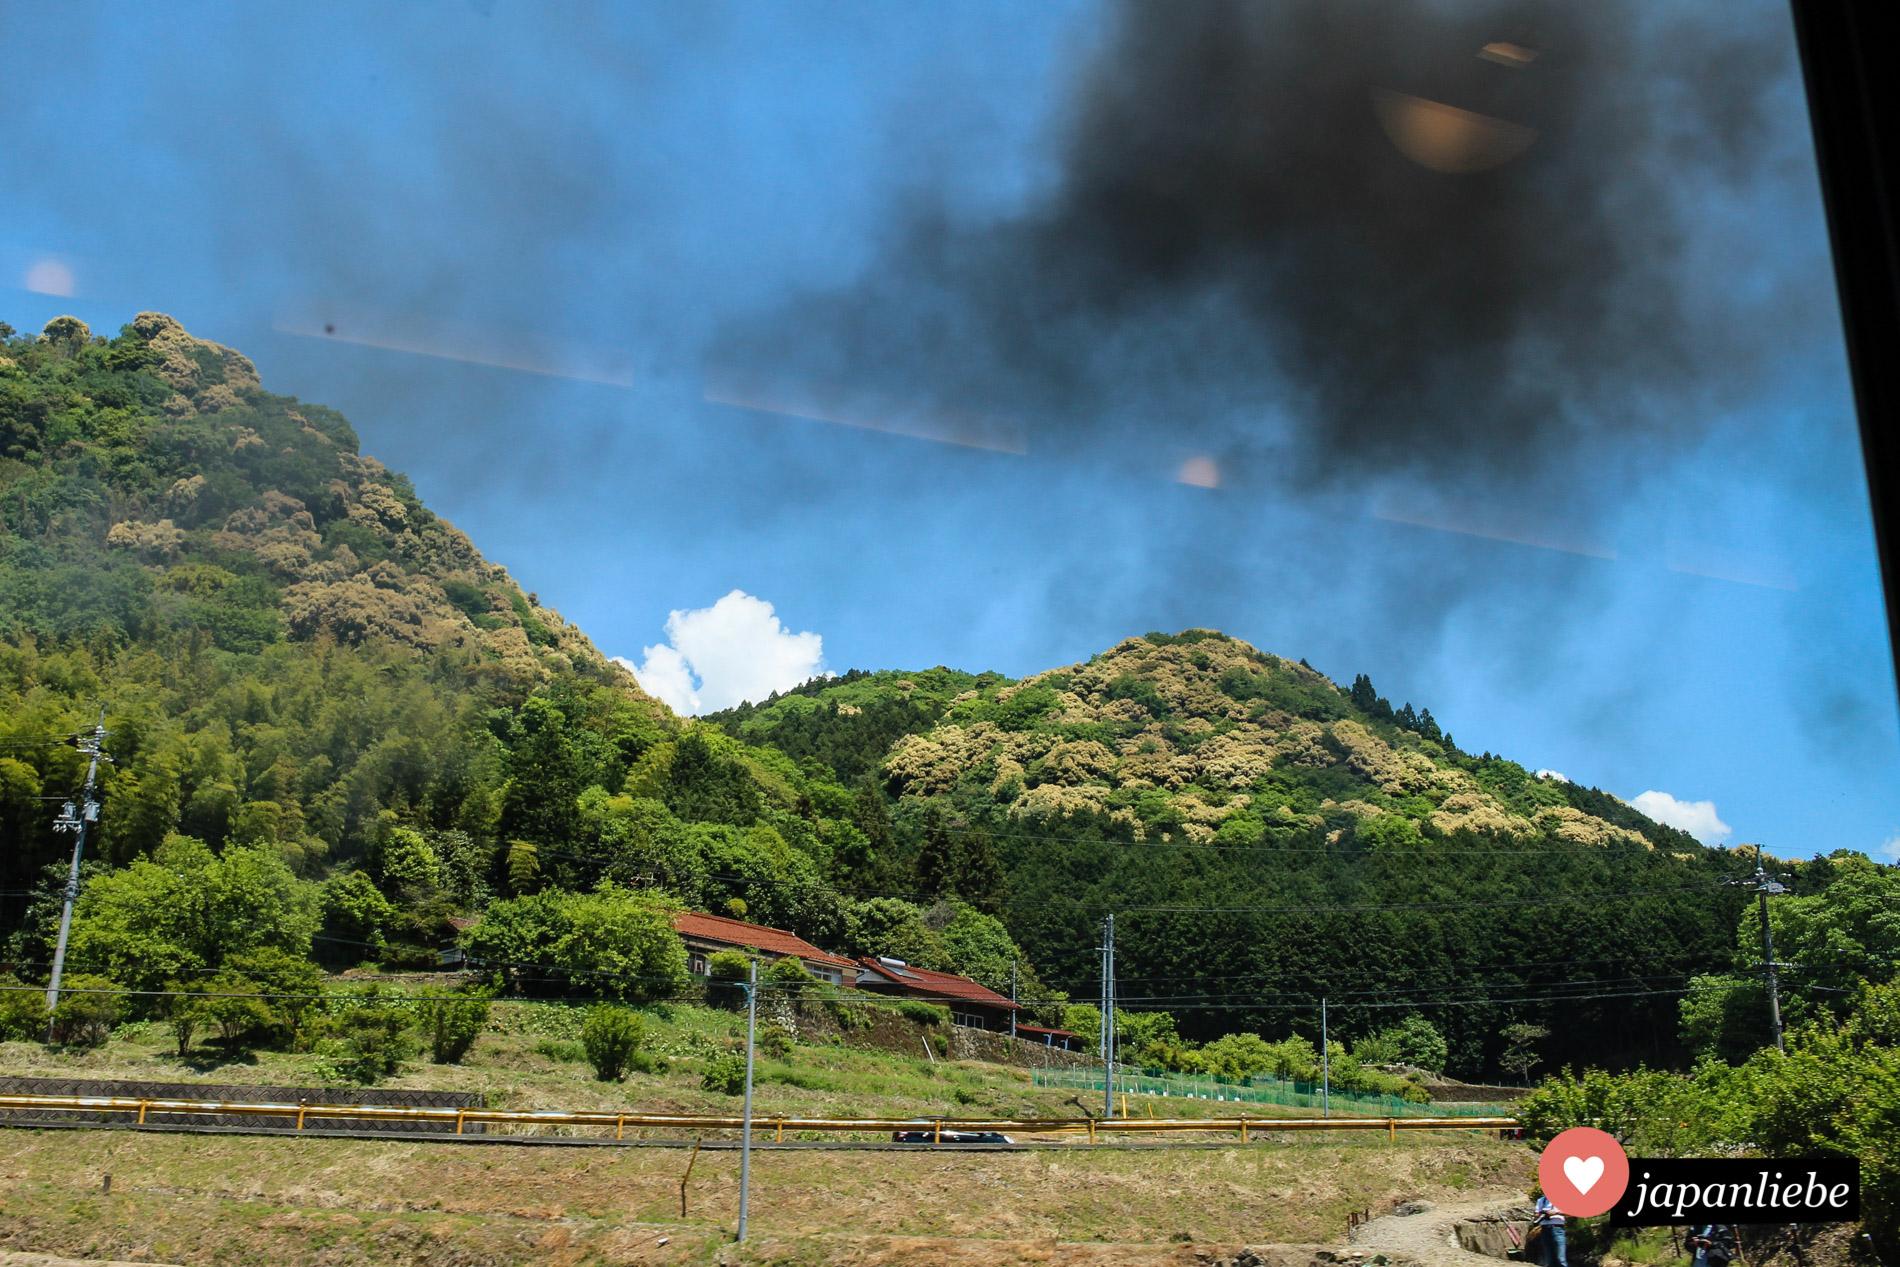 Rauchschwaden und Trainspotter, die versuchen, ein gutes Bild der SL Yamaguchi zu erhaschen.